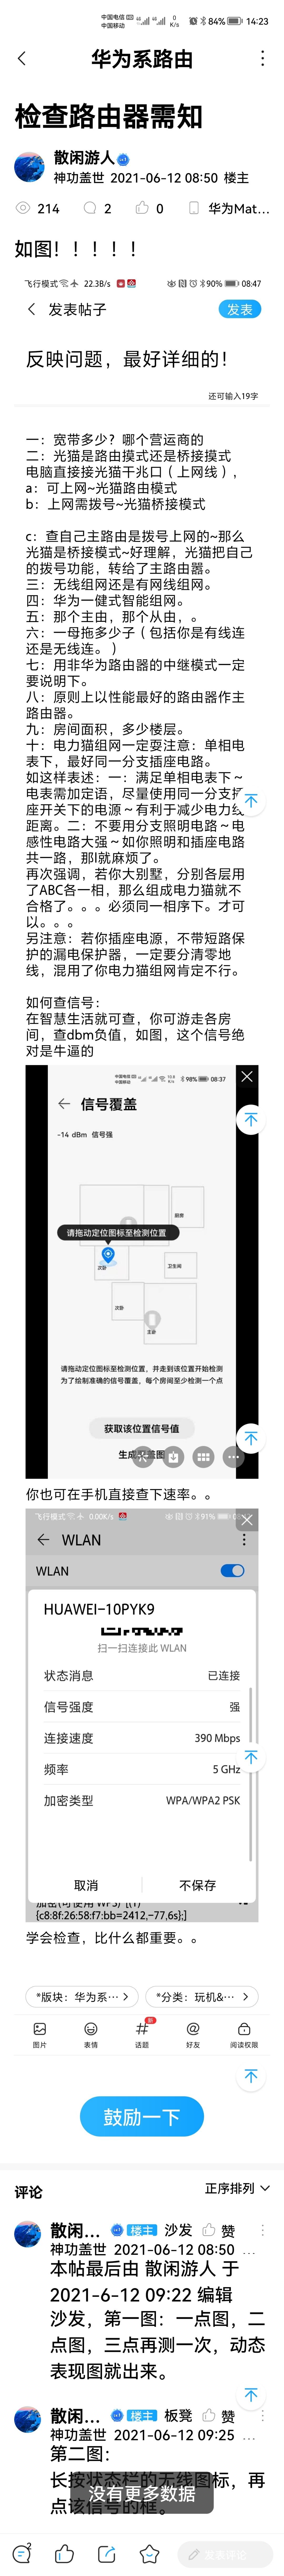 Screenshot_20210704_142318_com.huawei.fans.jpg